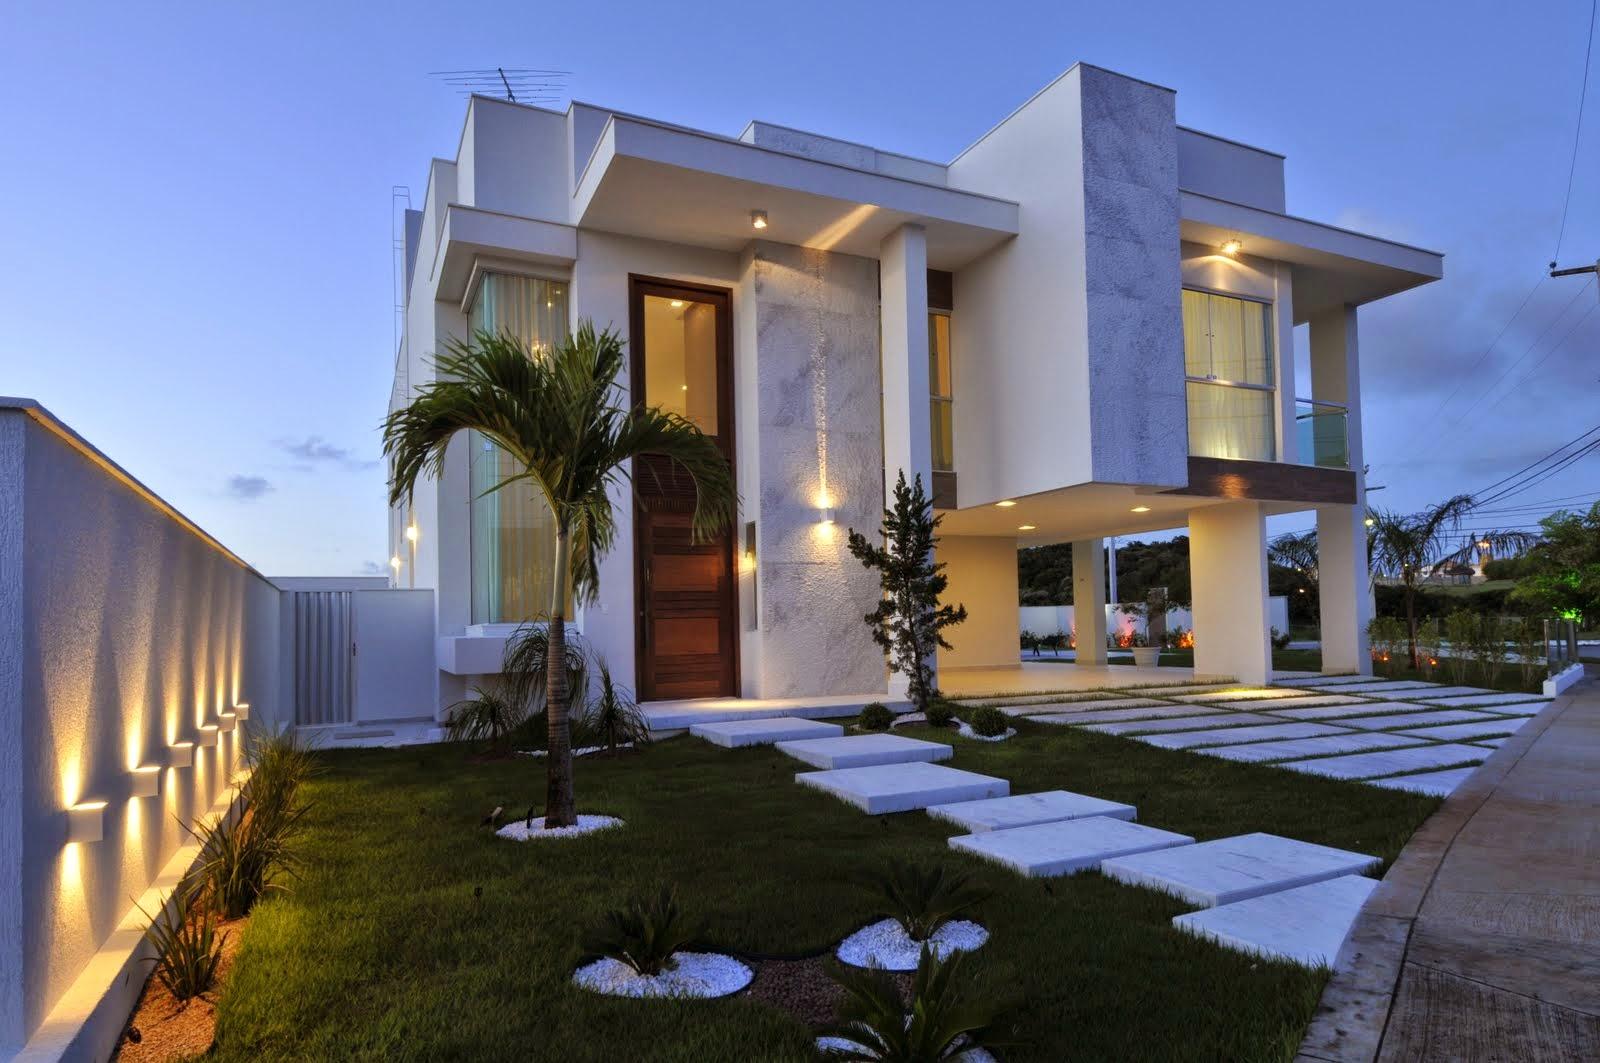 Fotos de terrazas en casas 8